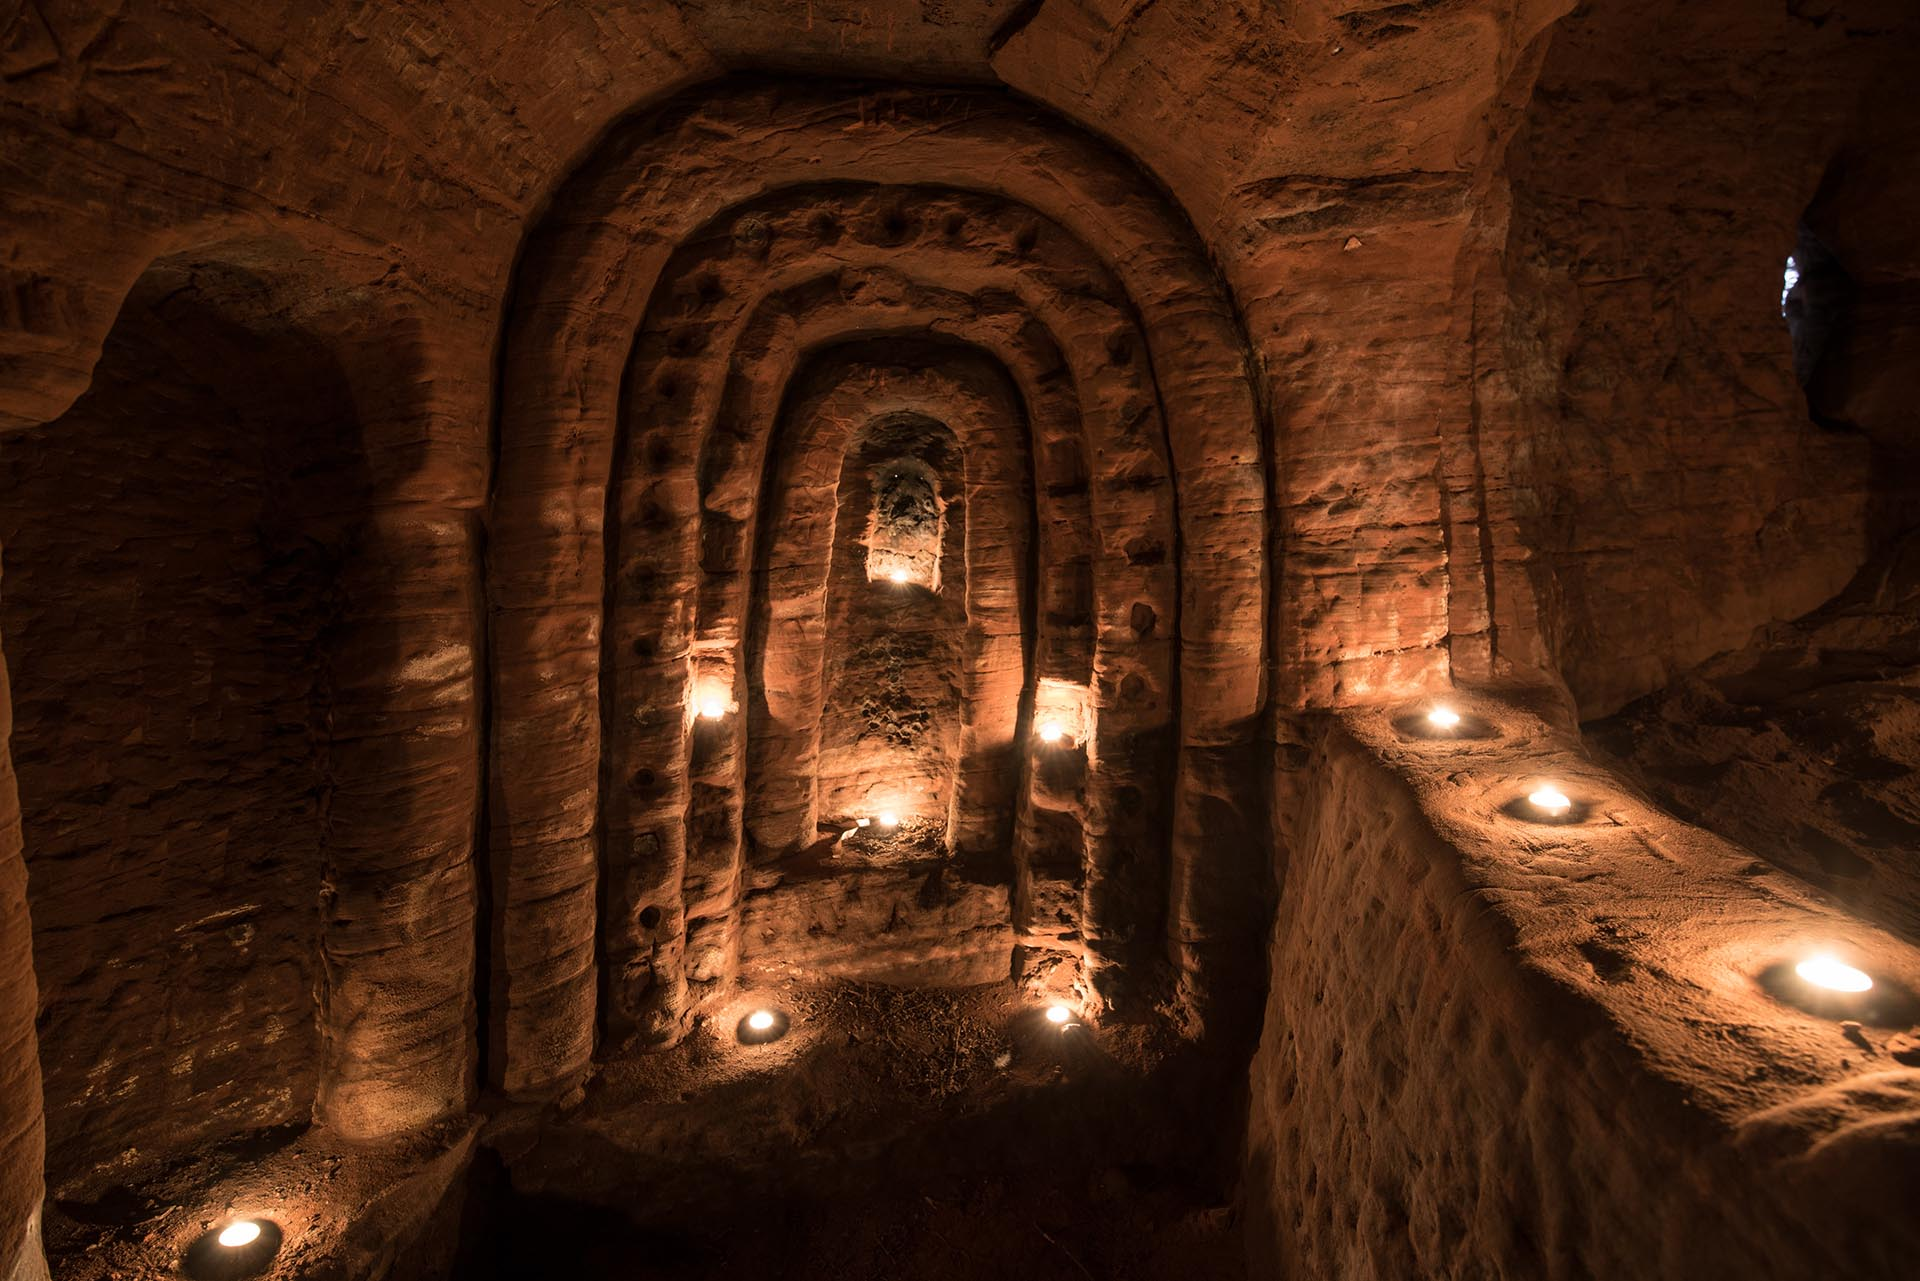 La increíble cueva templaria se encontró en una granja en Inglaterra, gracias a un conejo (Michael Scott/Caters News/The Grosby Group)